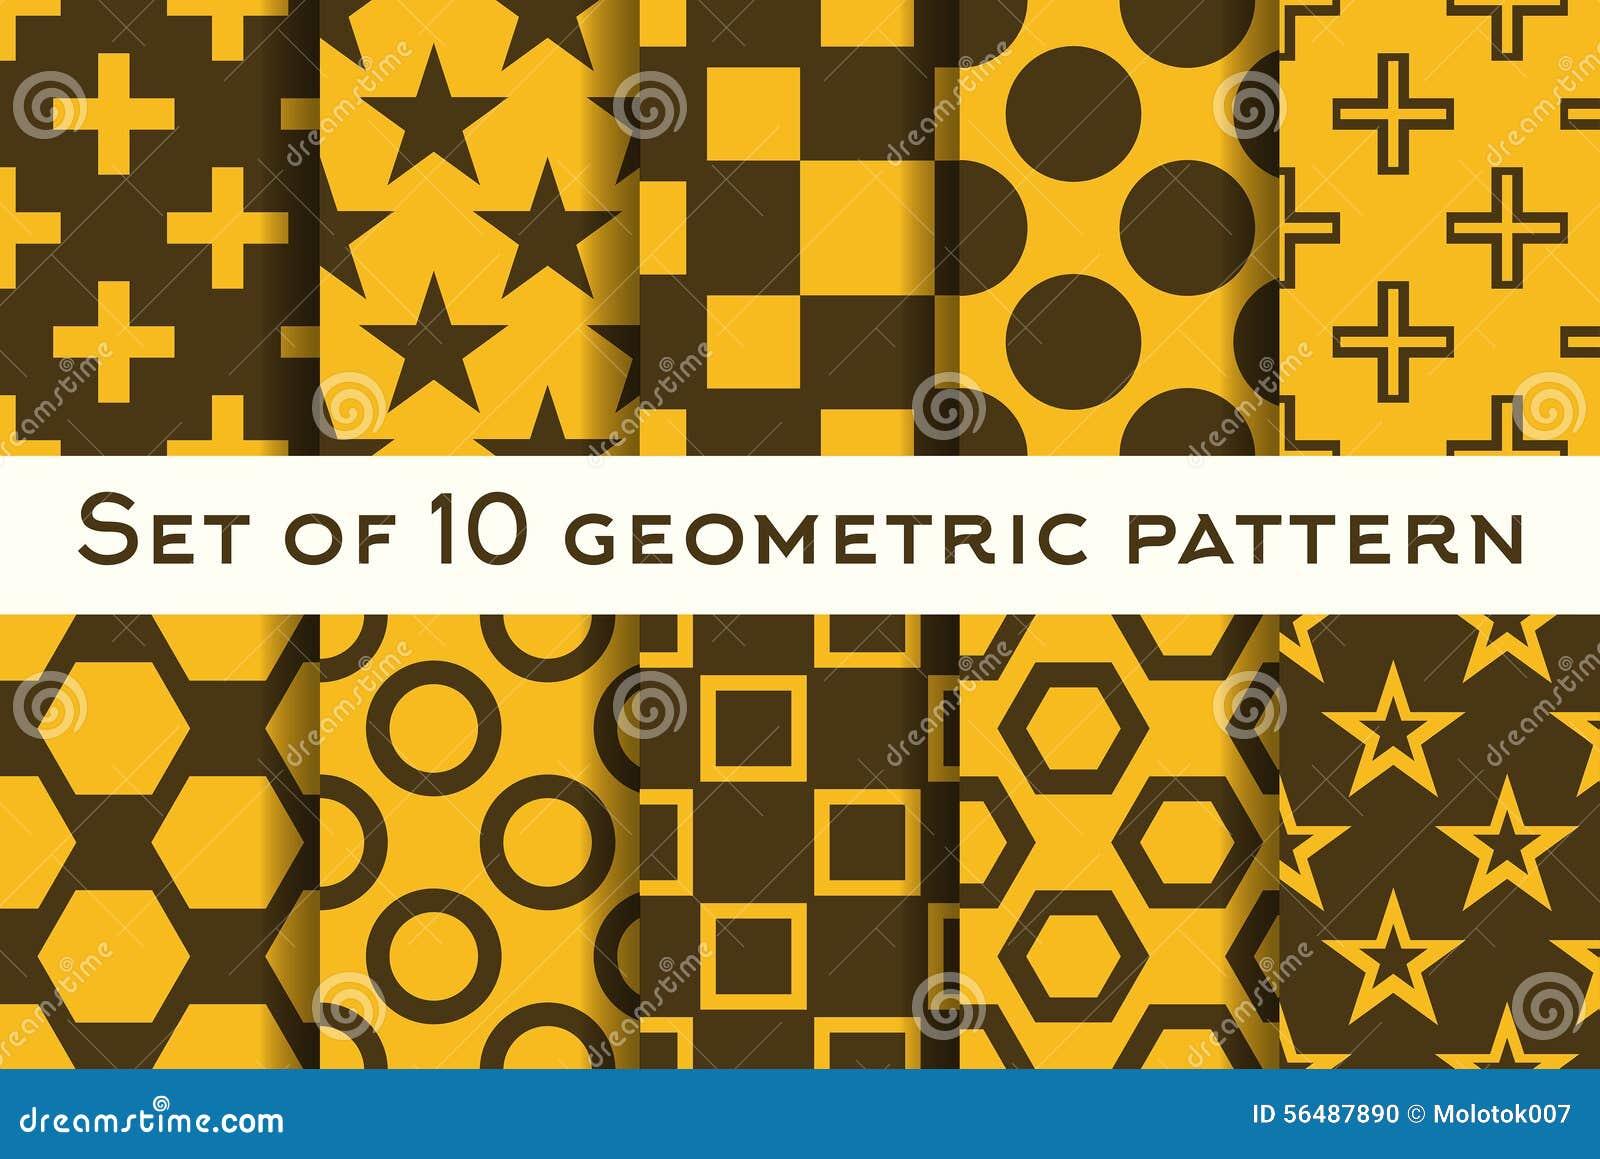 Ensemble de 10 modèles géométriques dans des couleurs oranges et brunes